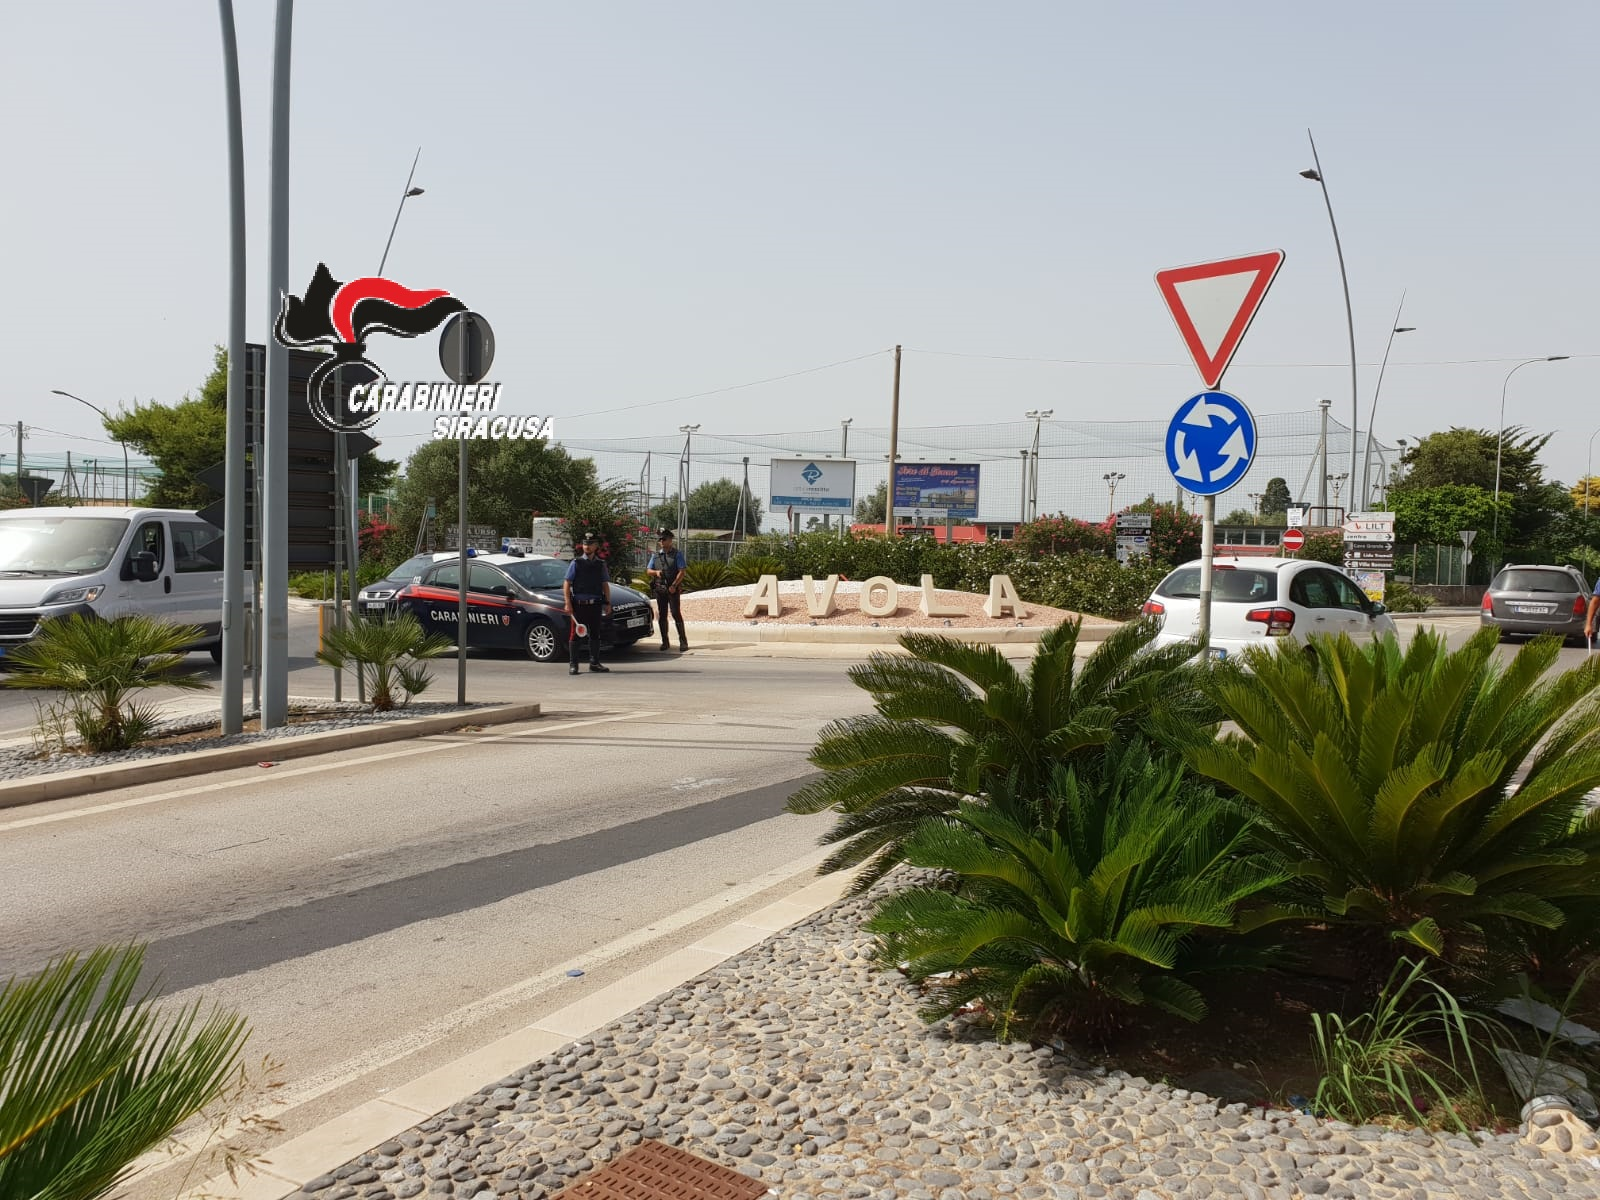 Senza casco, assicurazione e patente: controlli straordinari da parte dei carabinieri